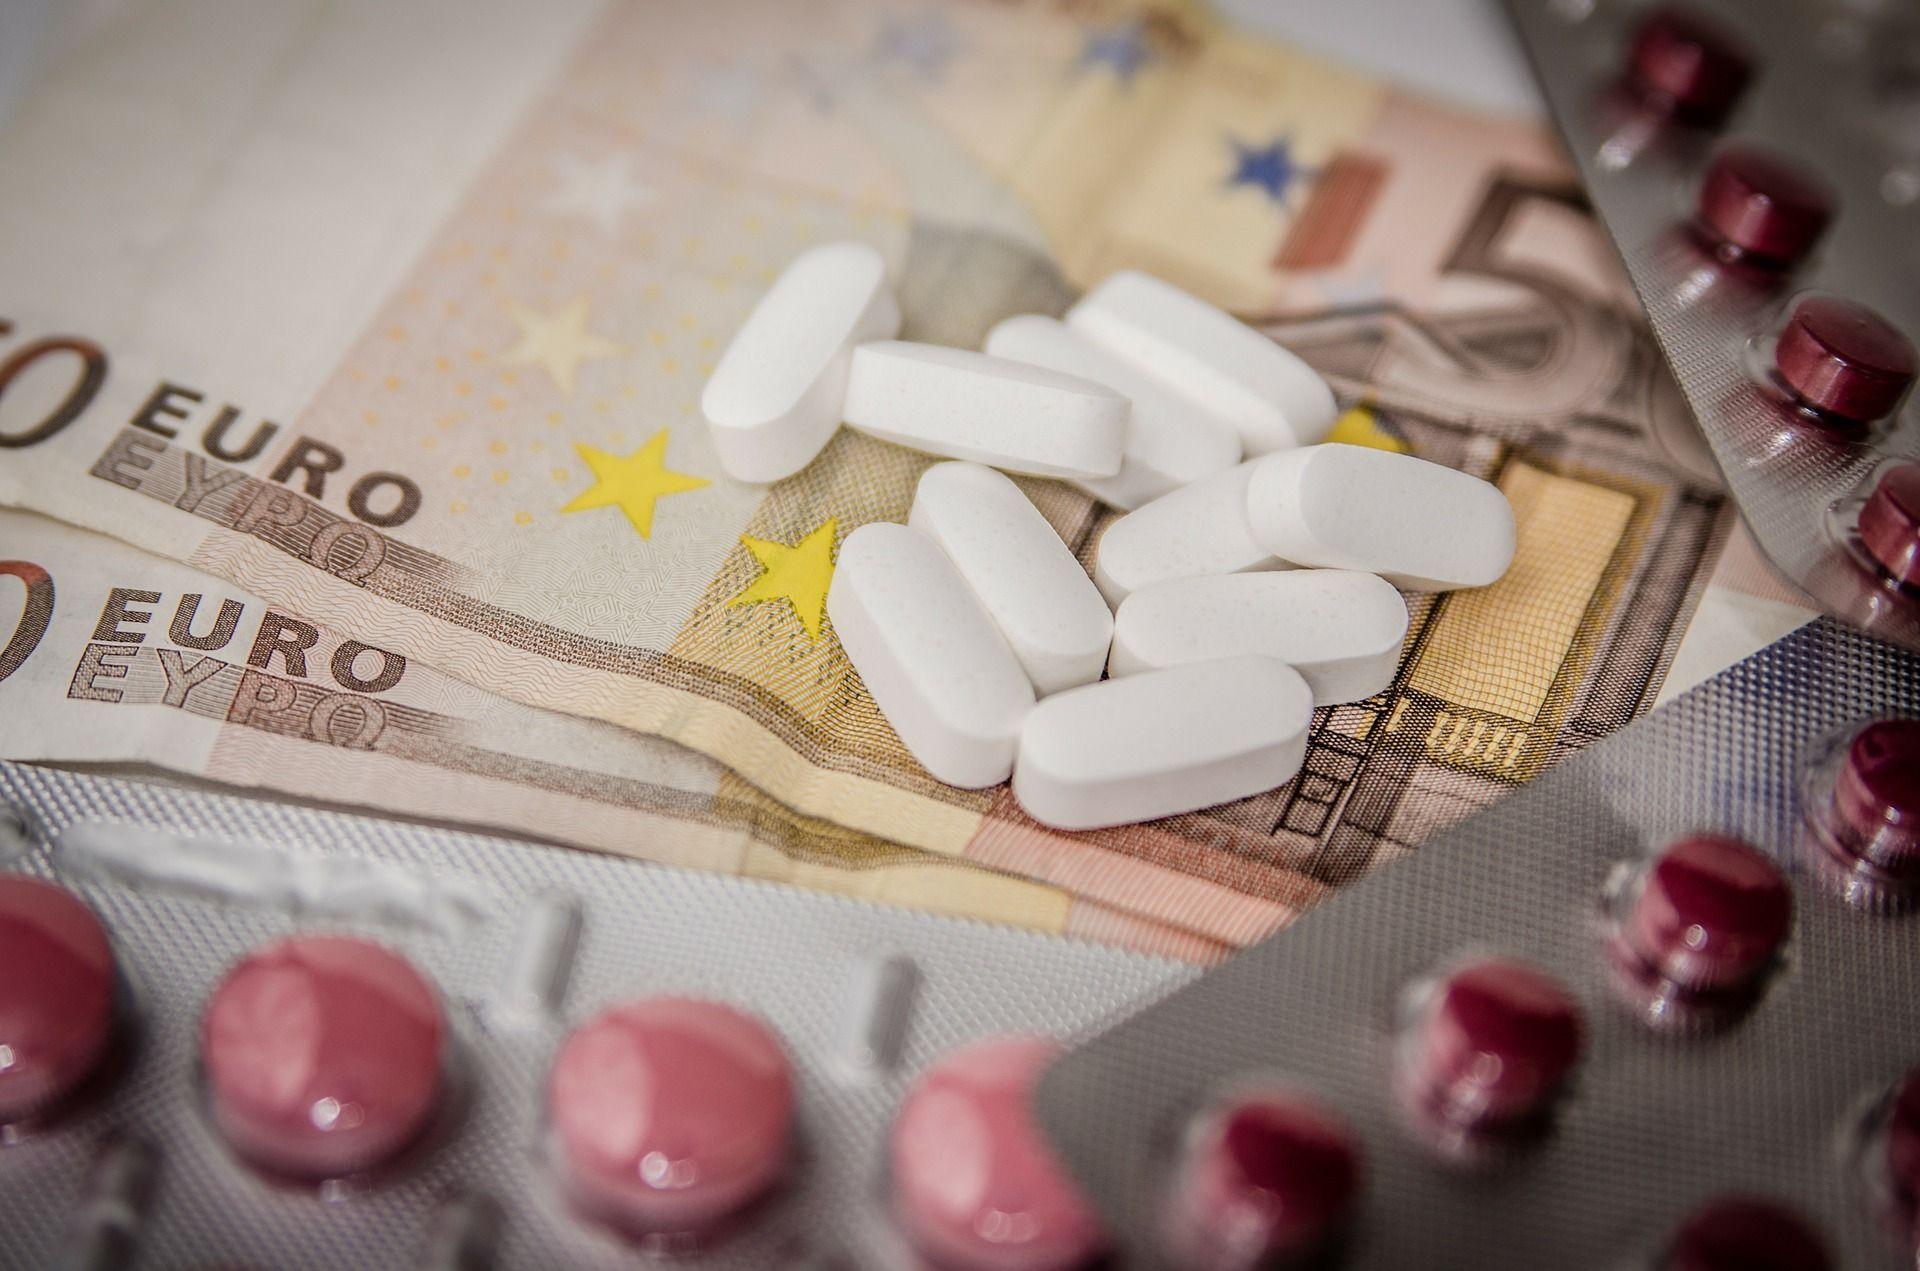 rimborsabilita farmaci